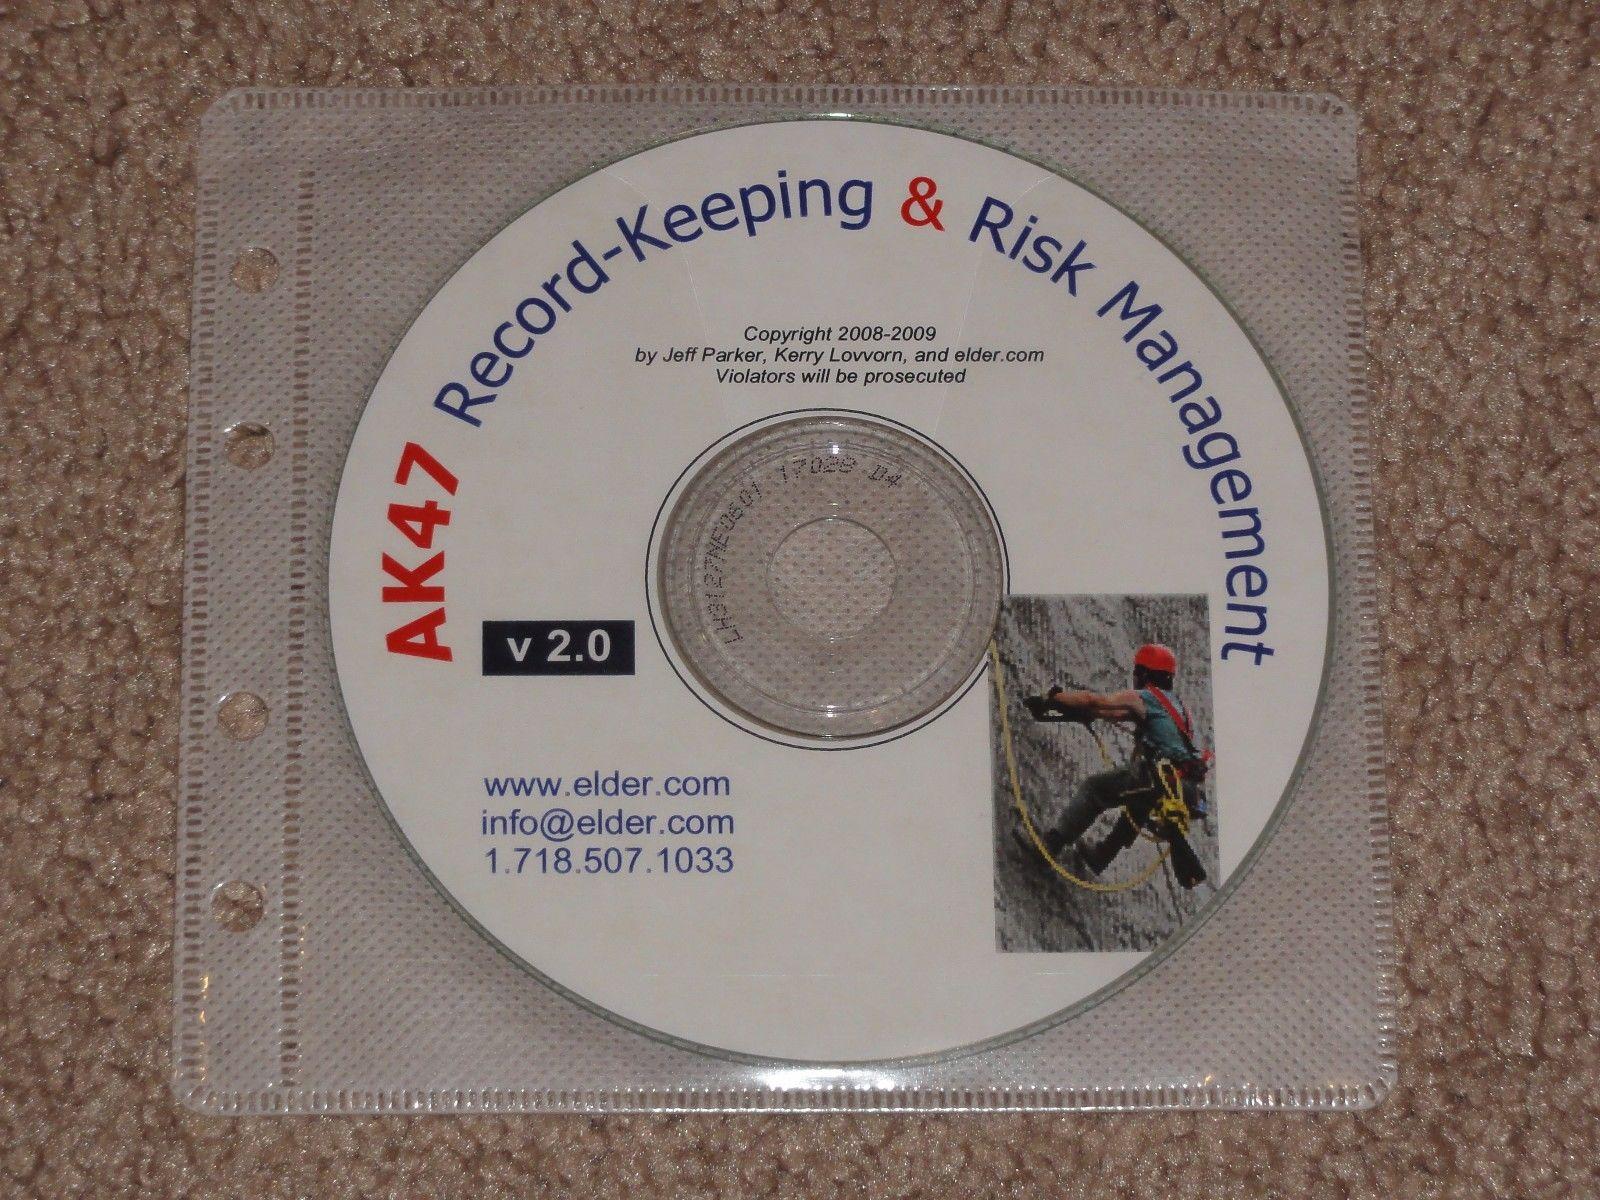 Alexander Elder AK47 V2 Record-Keeping & Risk Management Software stocks trading